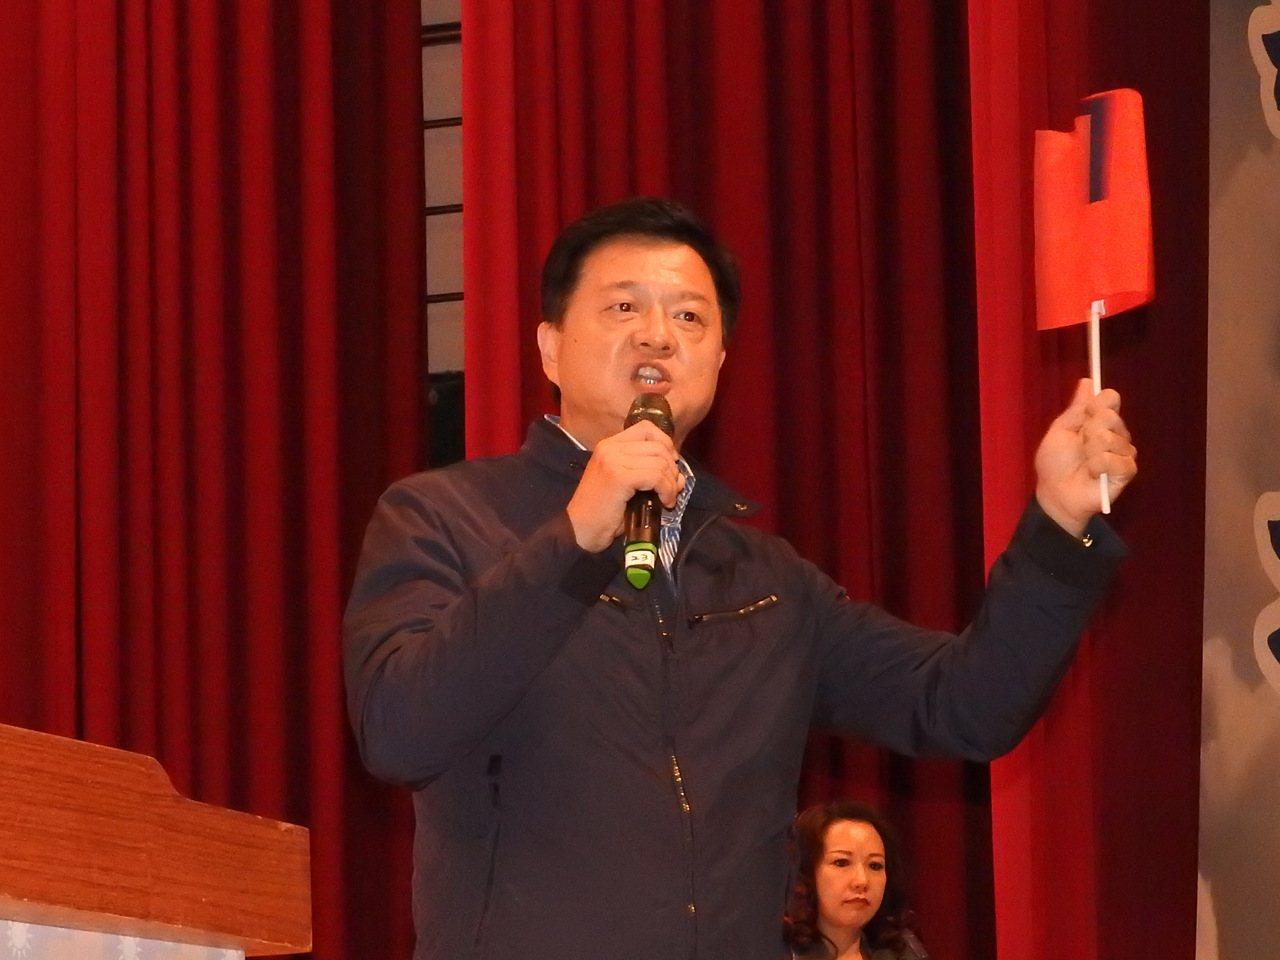 前北縣長周錫瑋今透過臉書表態支持罷免黃國昌,周錫瑋強調,他之所以挺身呼籲「大家一...